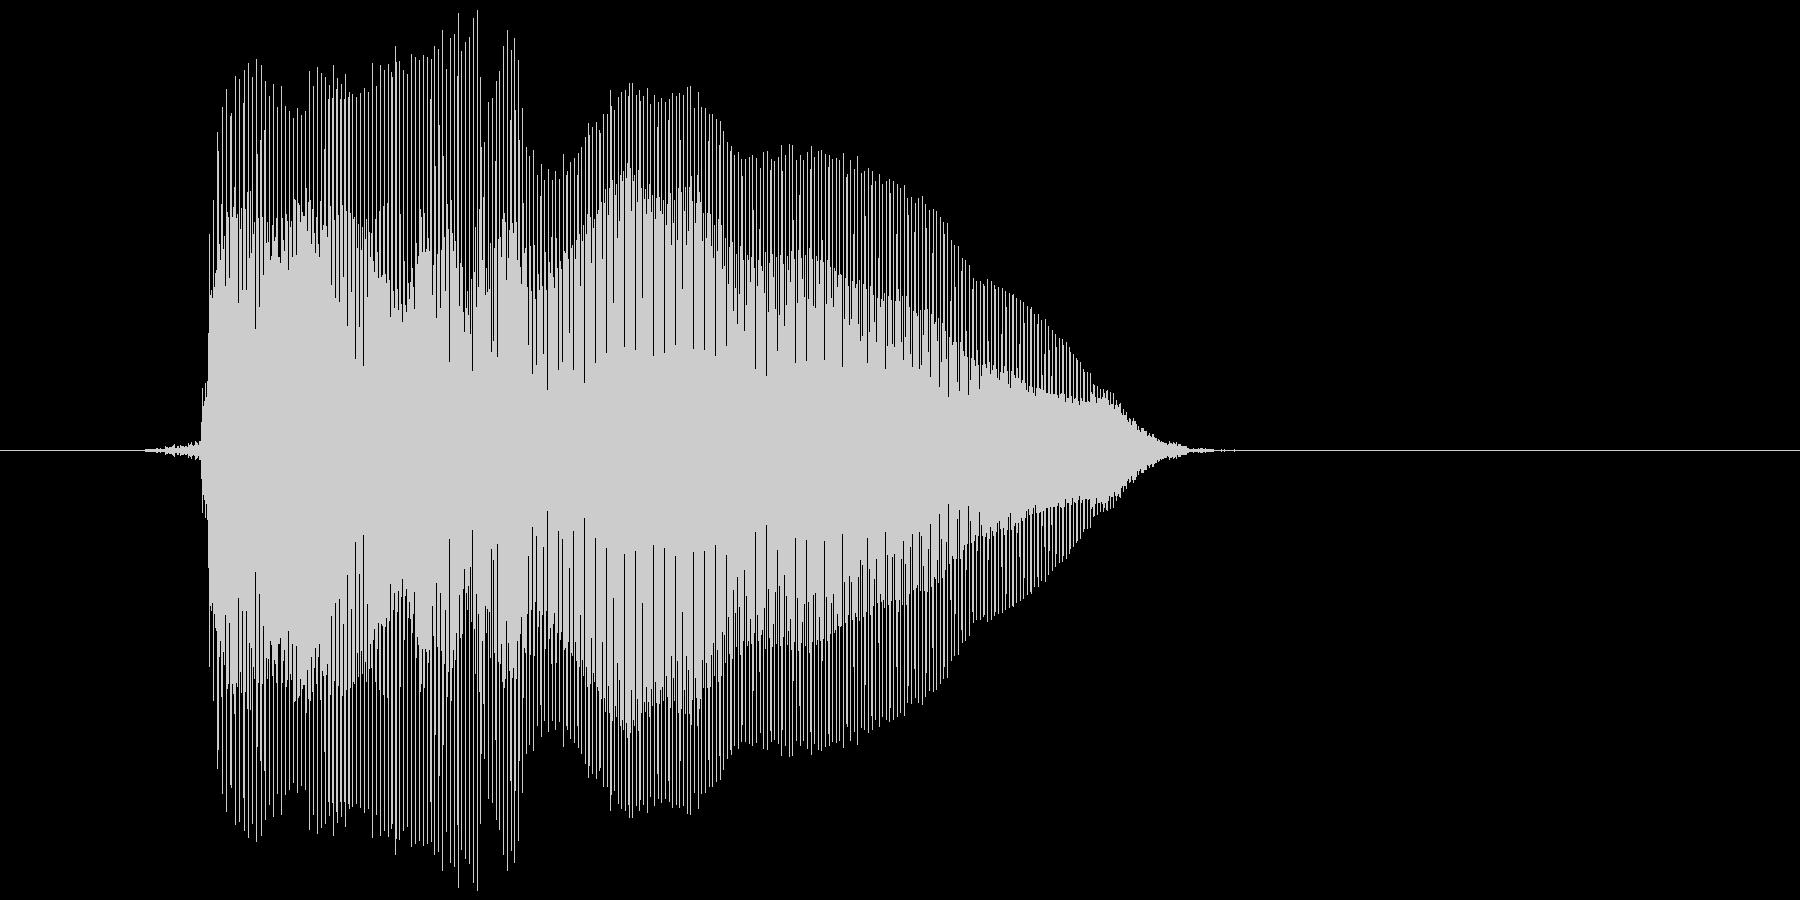 「ビヨーン」の未再生の波形